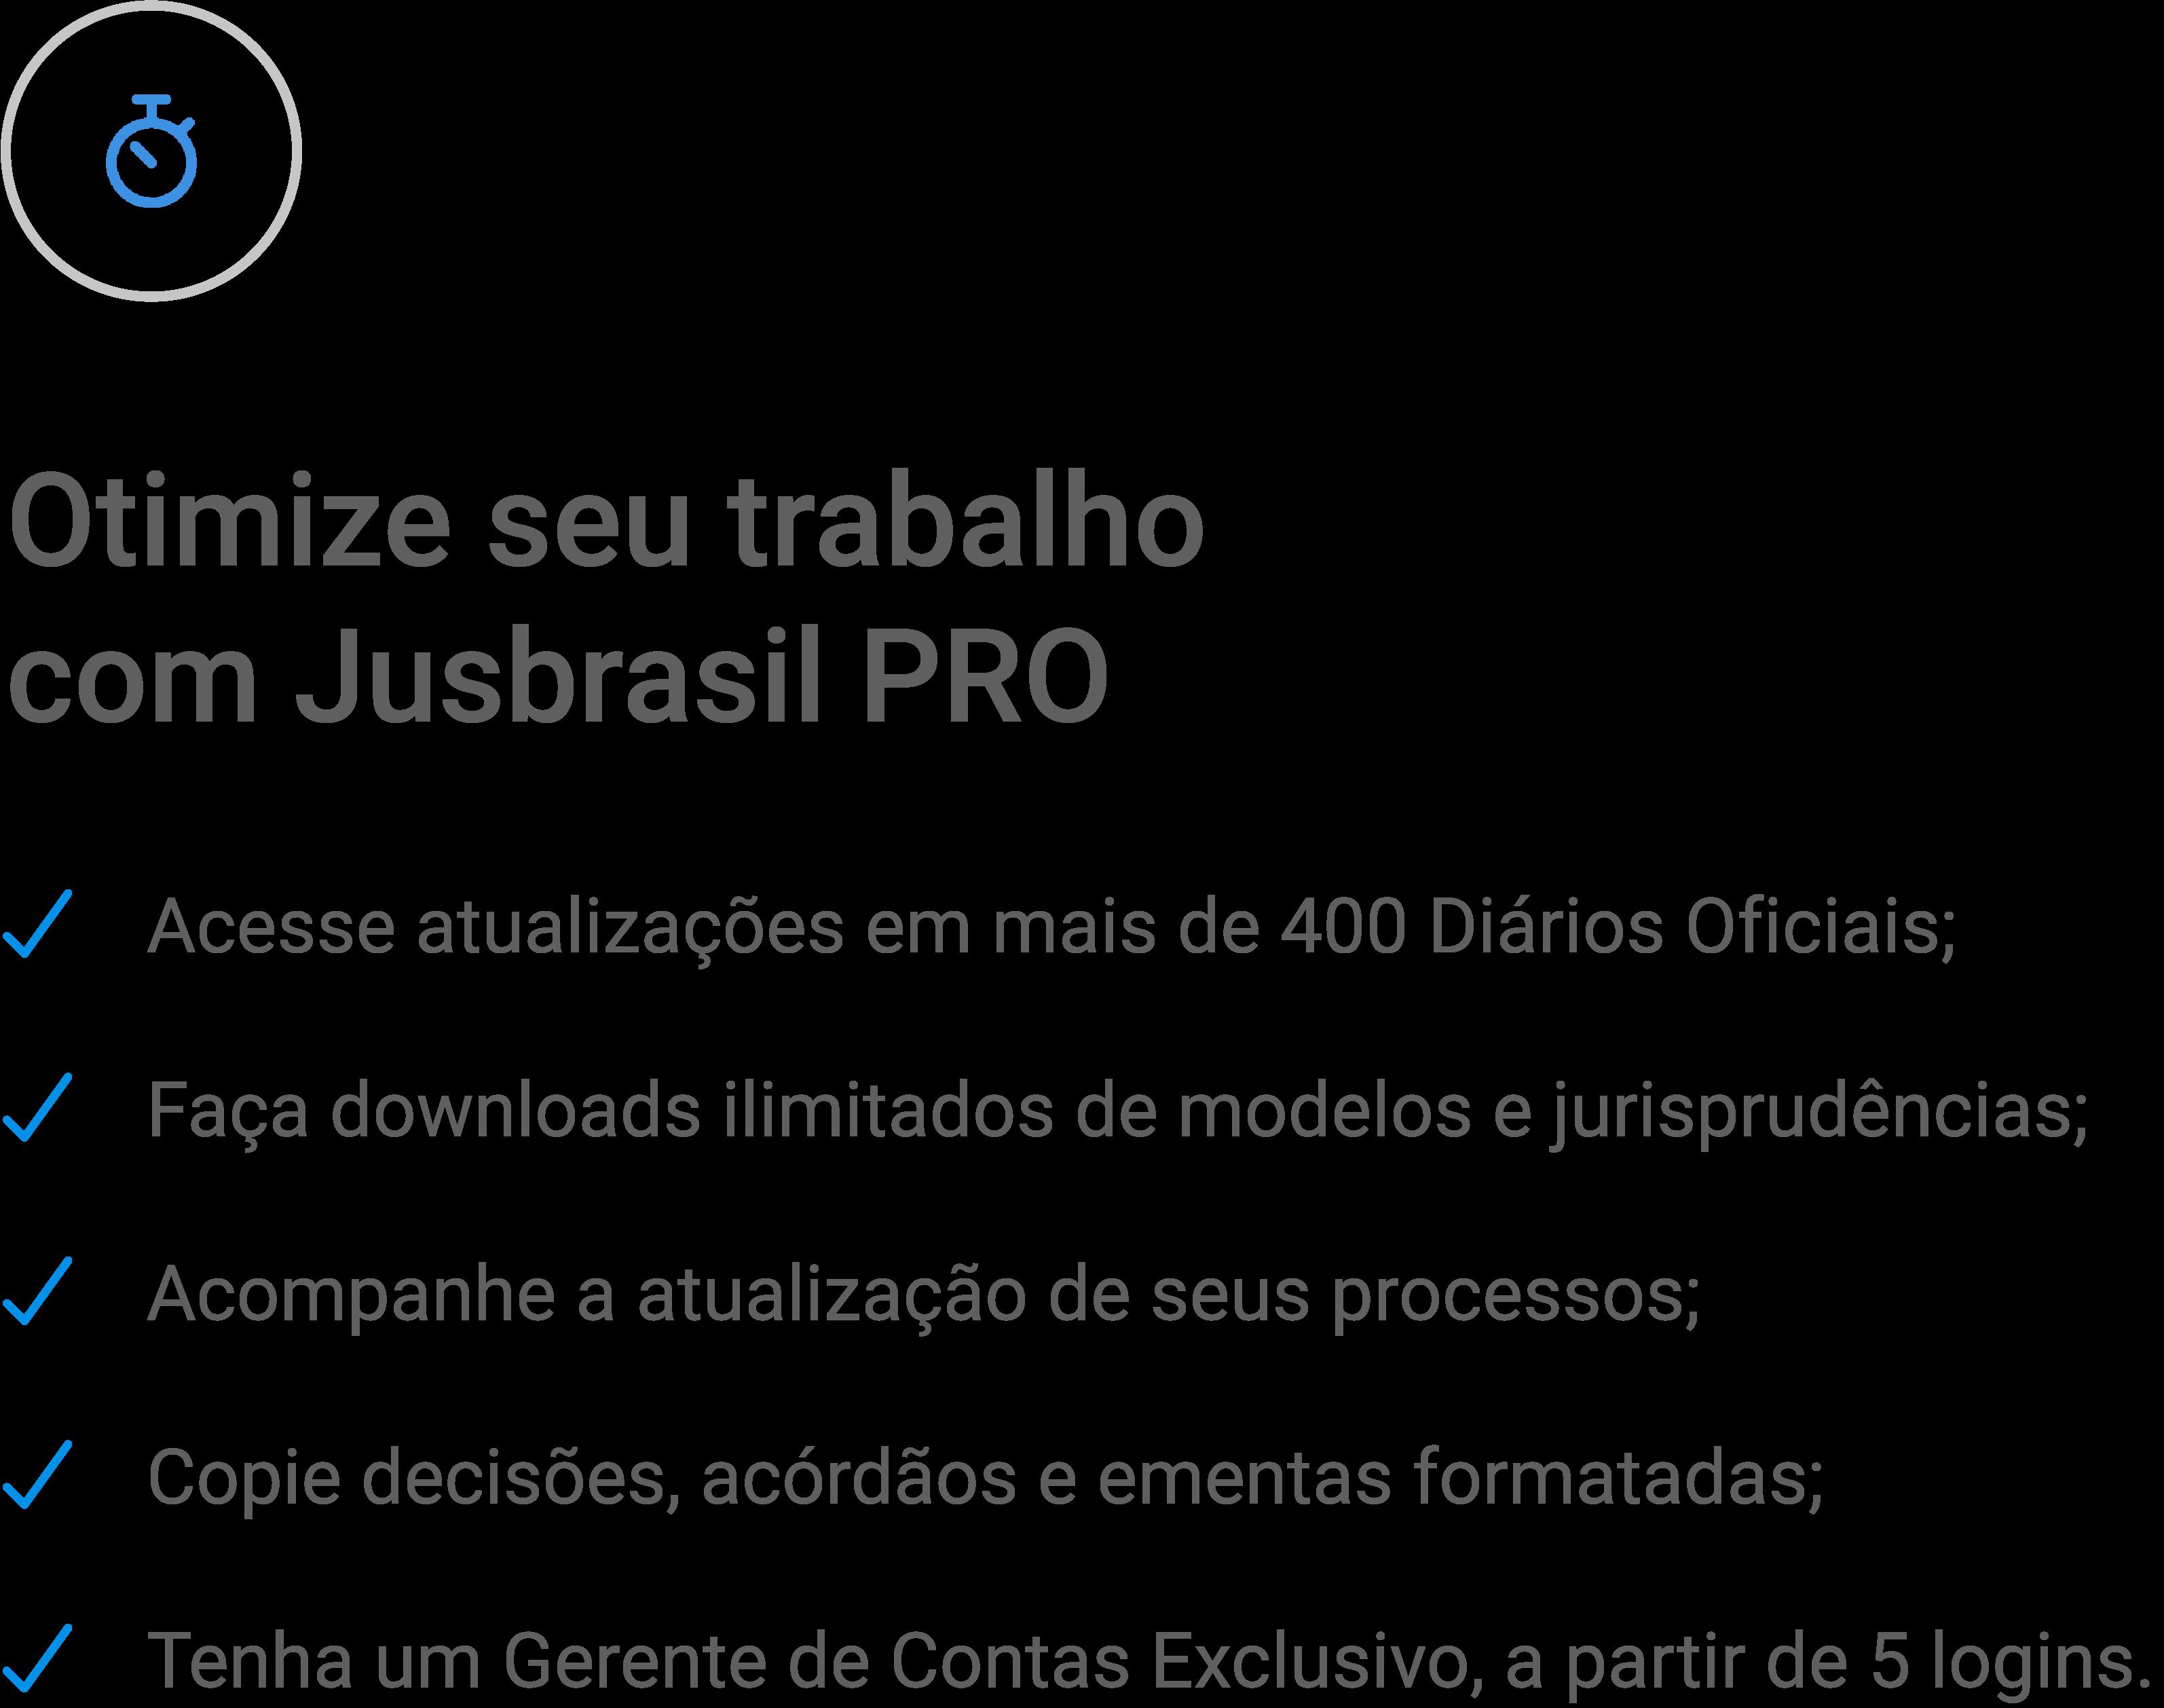 Otimize seu trabalho com Jusbrasil PRO. Acesse informações de diários oficiais, faça downloads de modelos e jurisprudências e muito mais